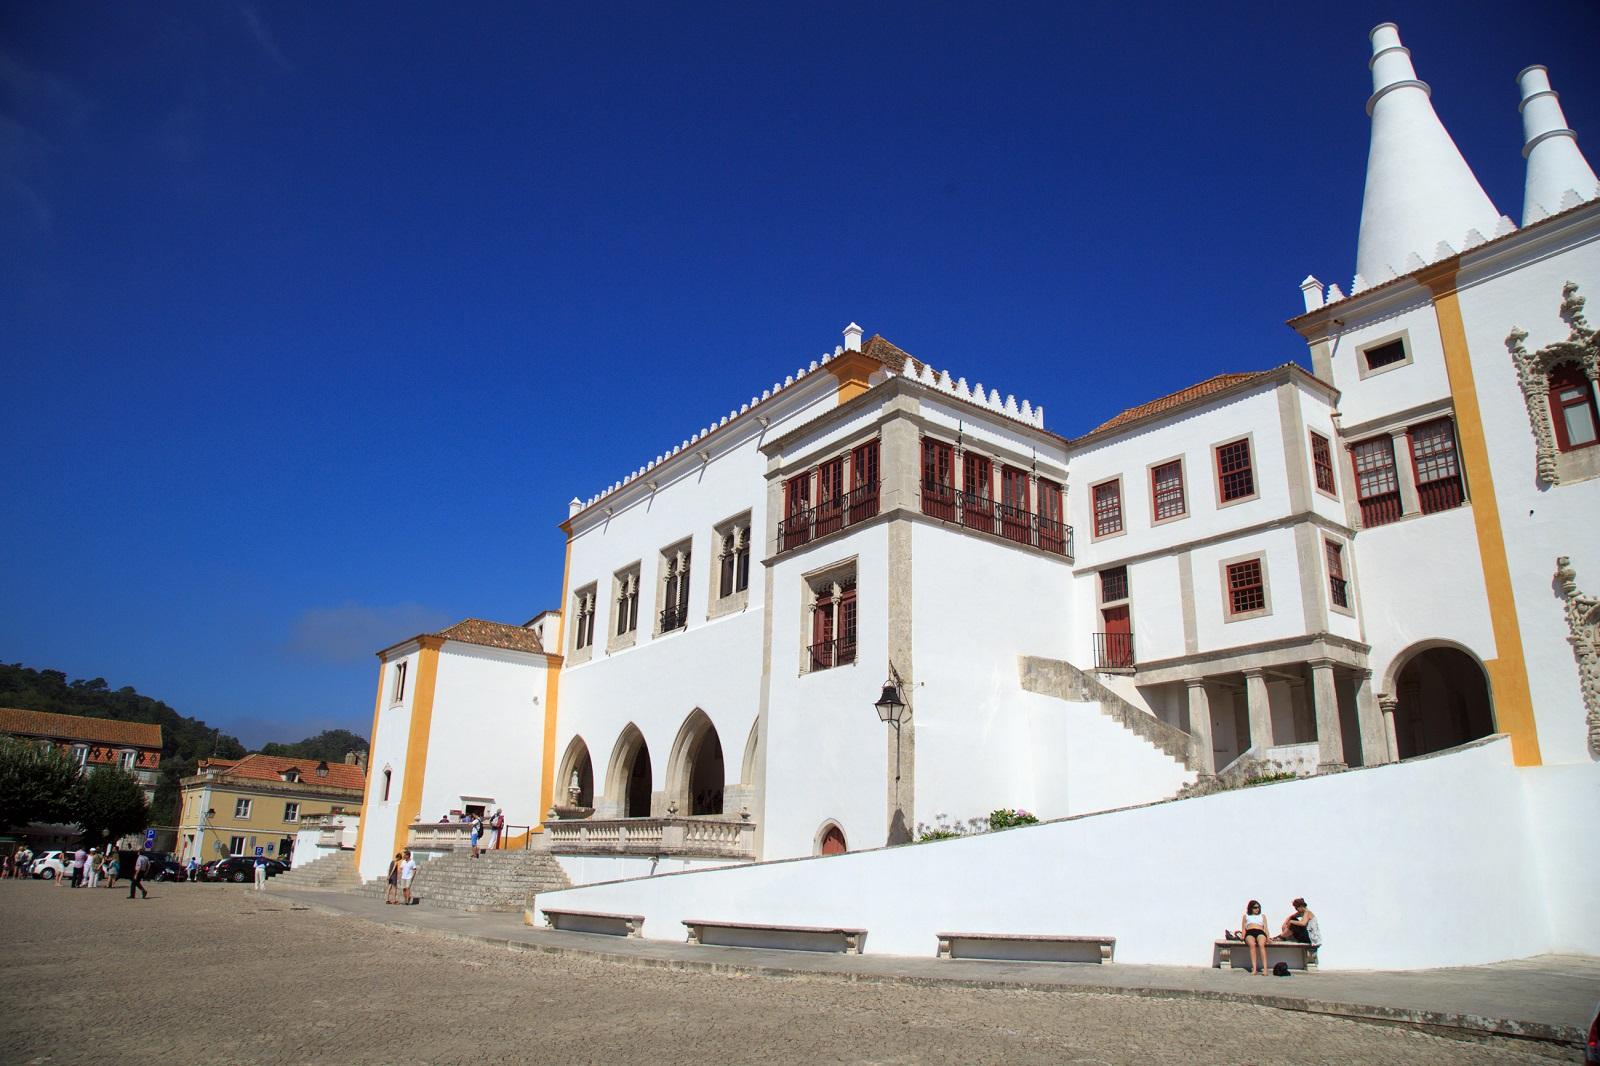 Sintra Palacio Nacional De Sintra